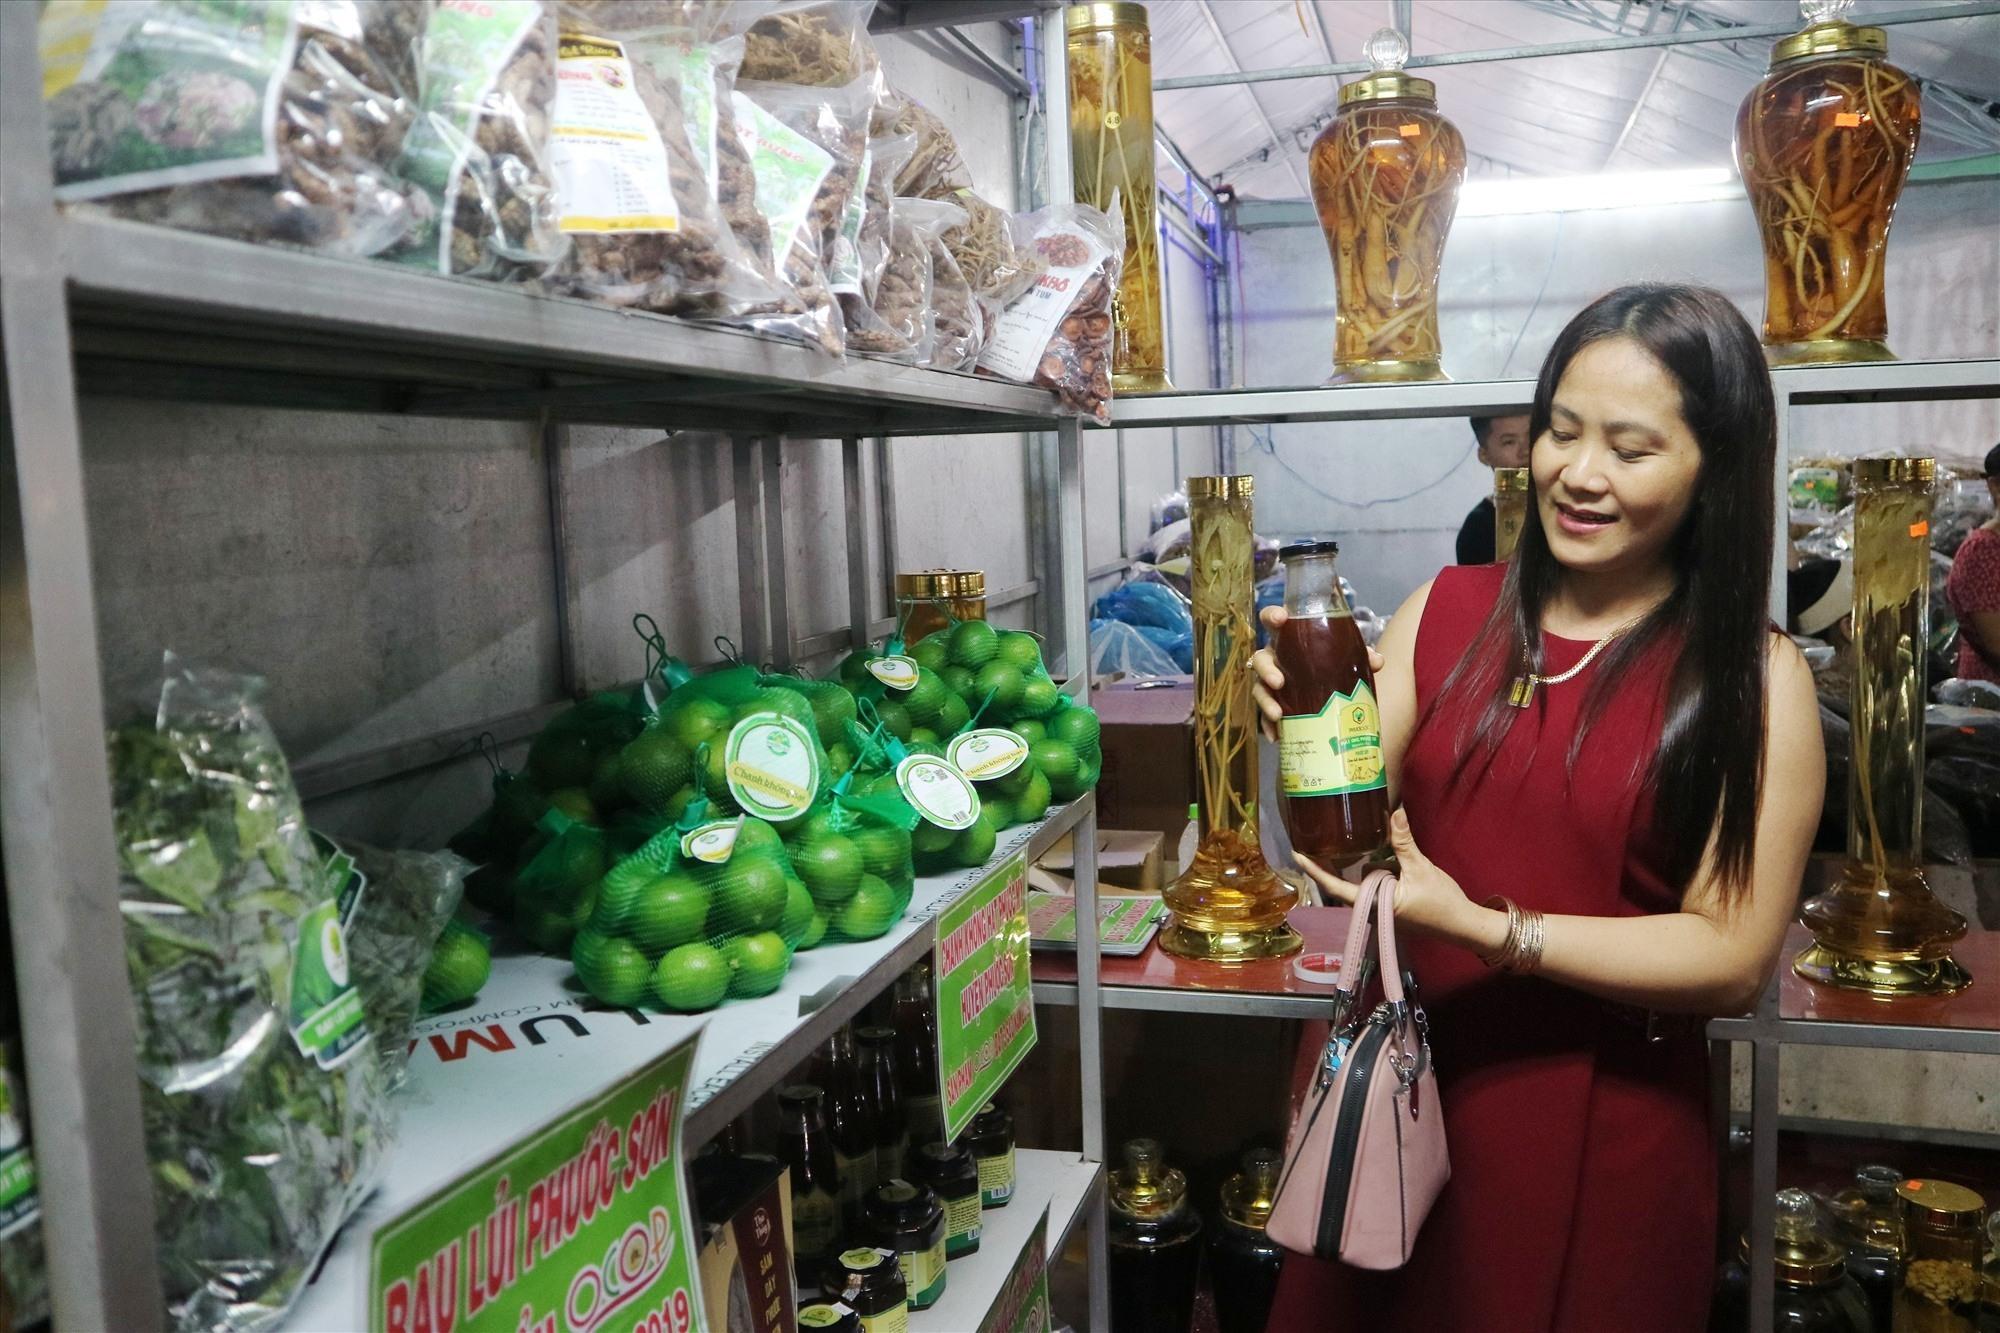 Sản phẩm đặc trưng của địa phương được mang đến hội chợ. Trong ảnh, các dòng sản phẩm từ đề án phát triển cây dược liệu của Phước Sơn, cũng là sản phẩm được công nhận OCOP cấp tỉnh giới thiệu tại hội chợ. Ảnh: X.H